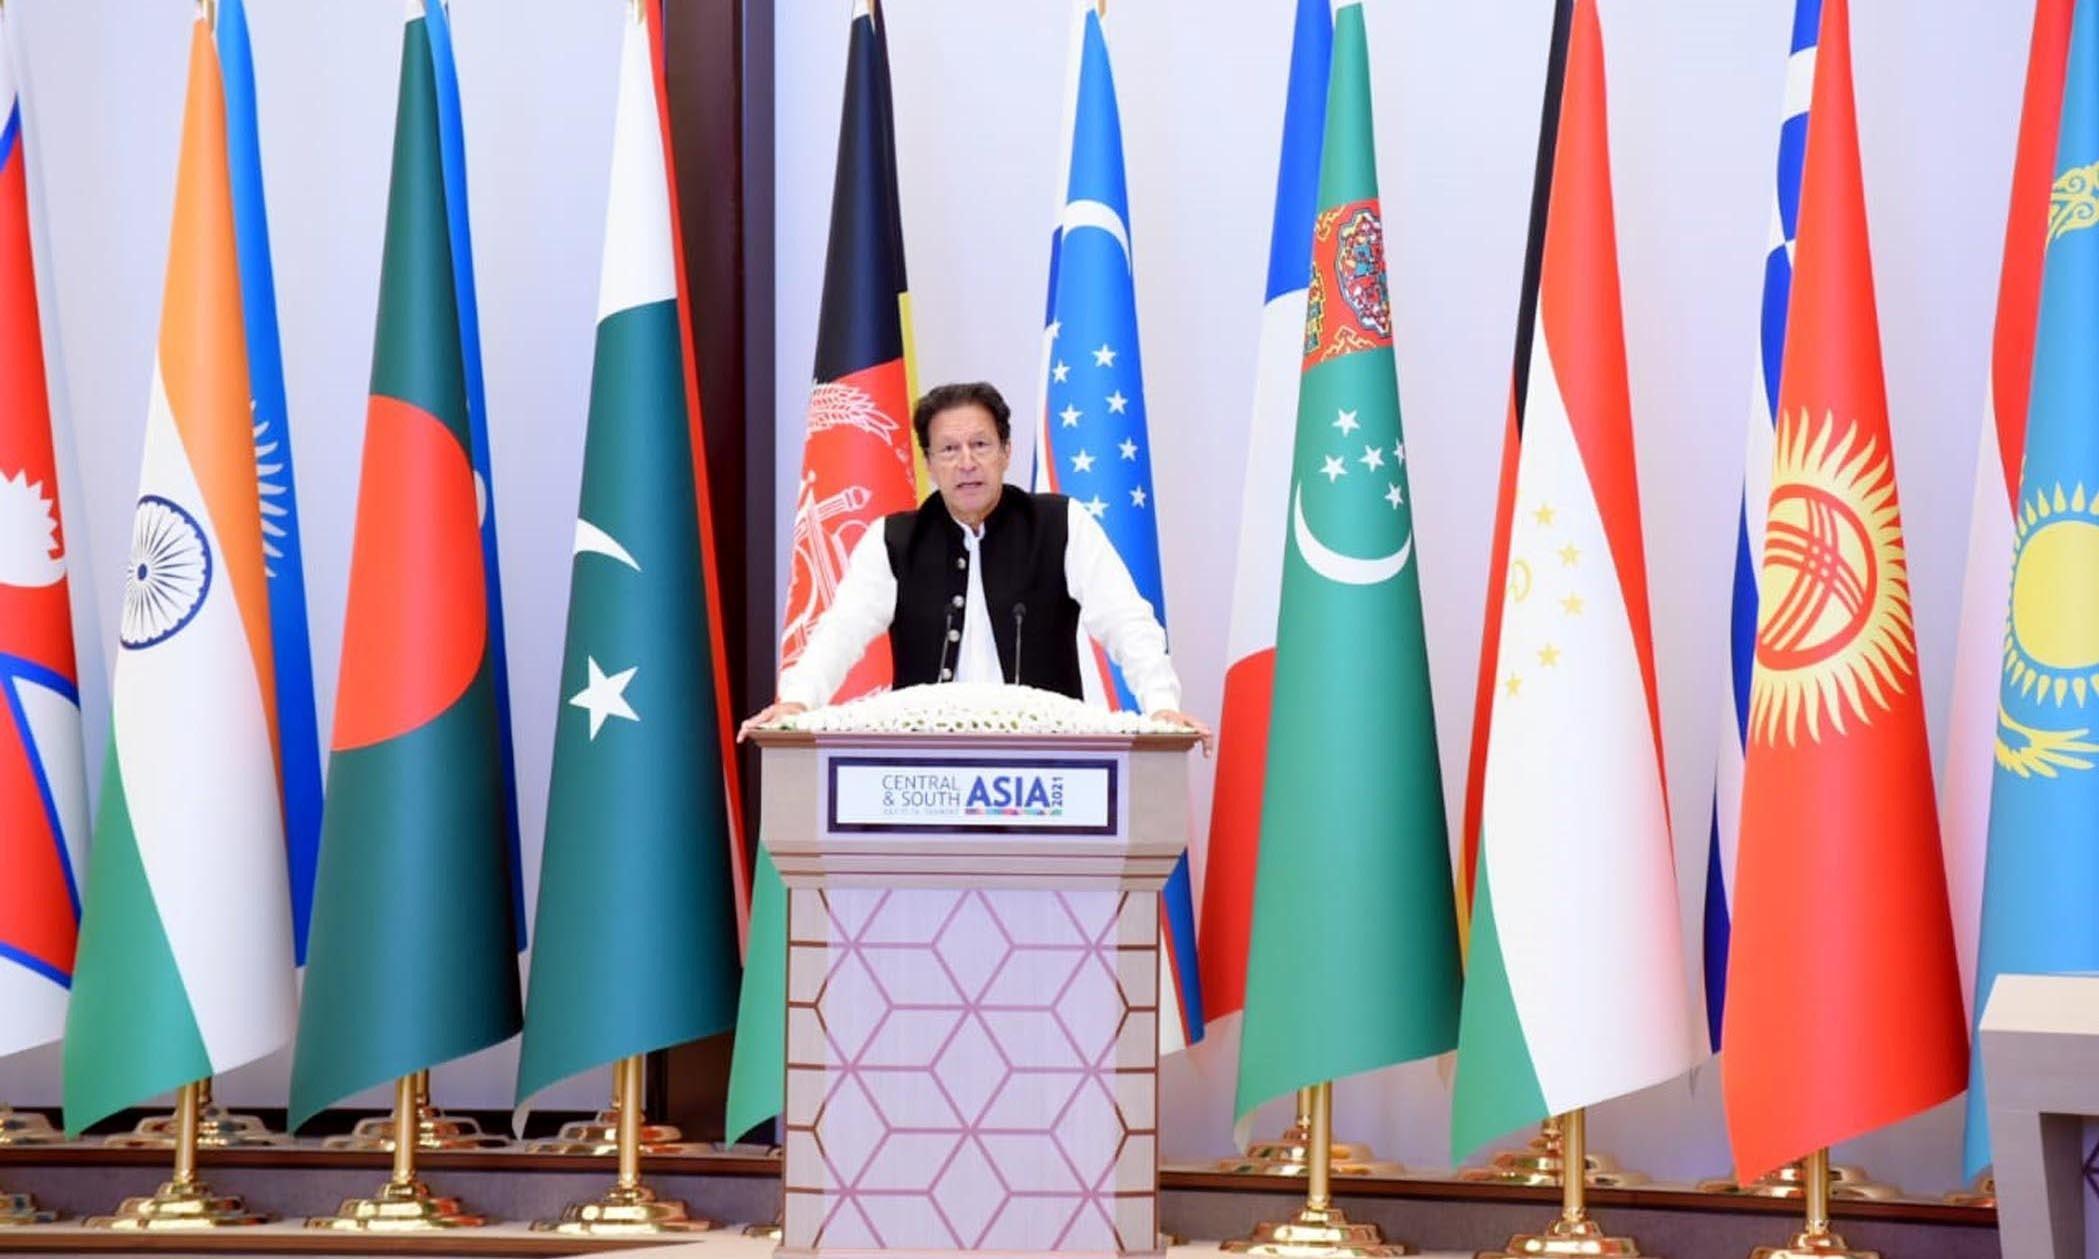 PM delivers stinging rebuke after Ghani's outburst